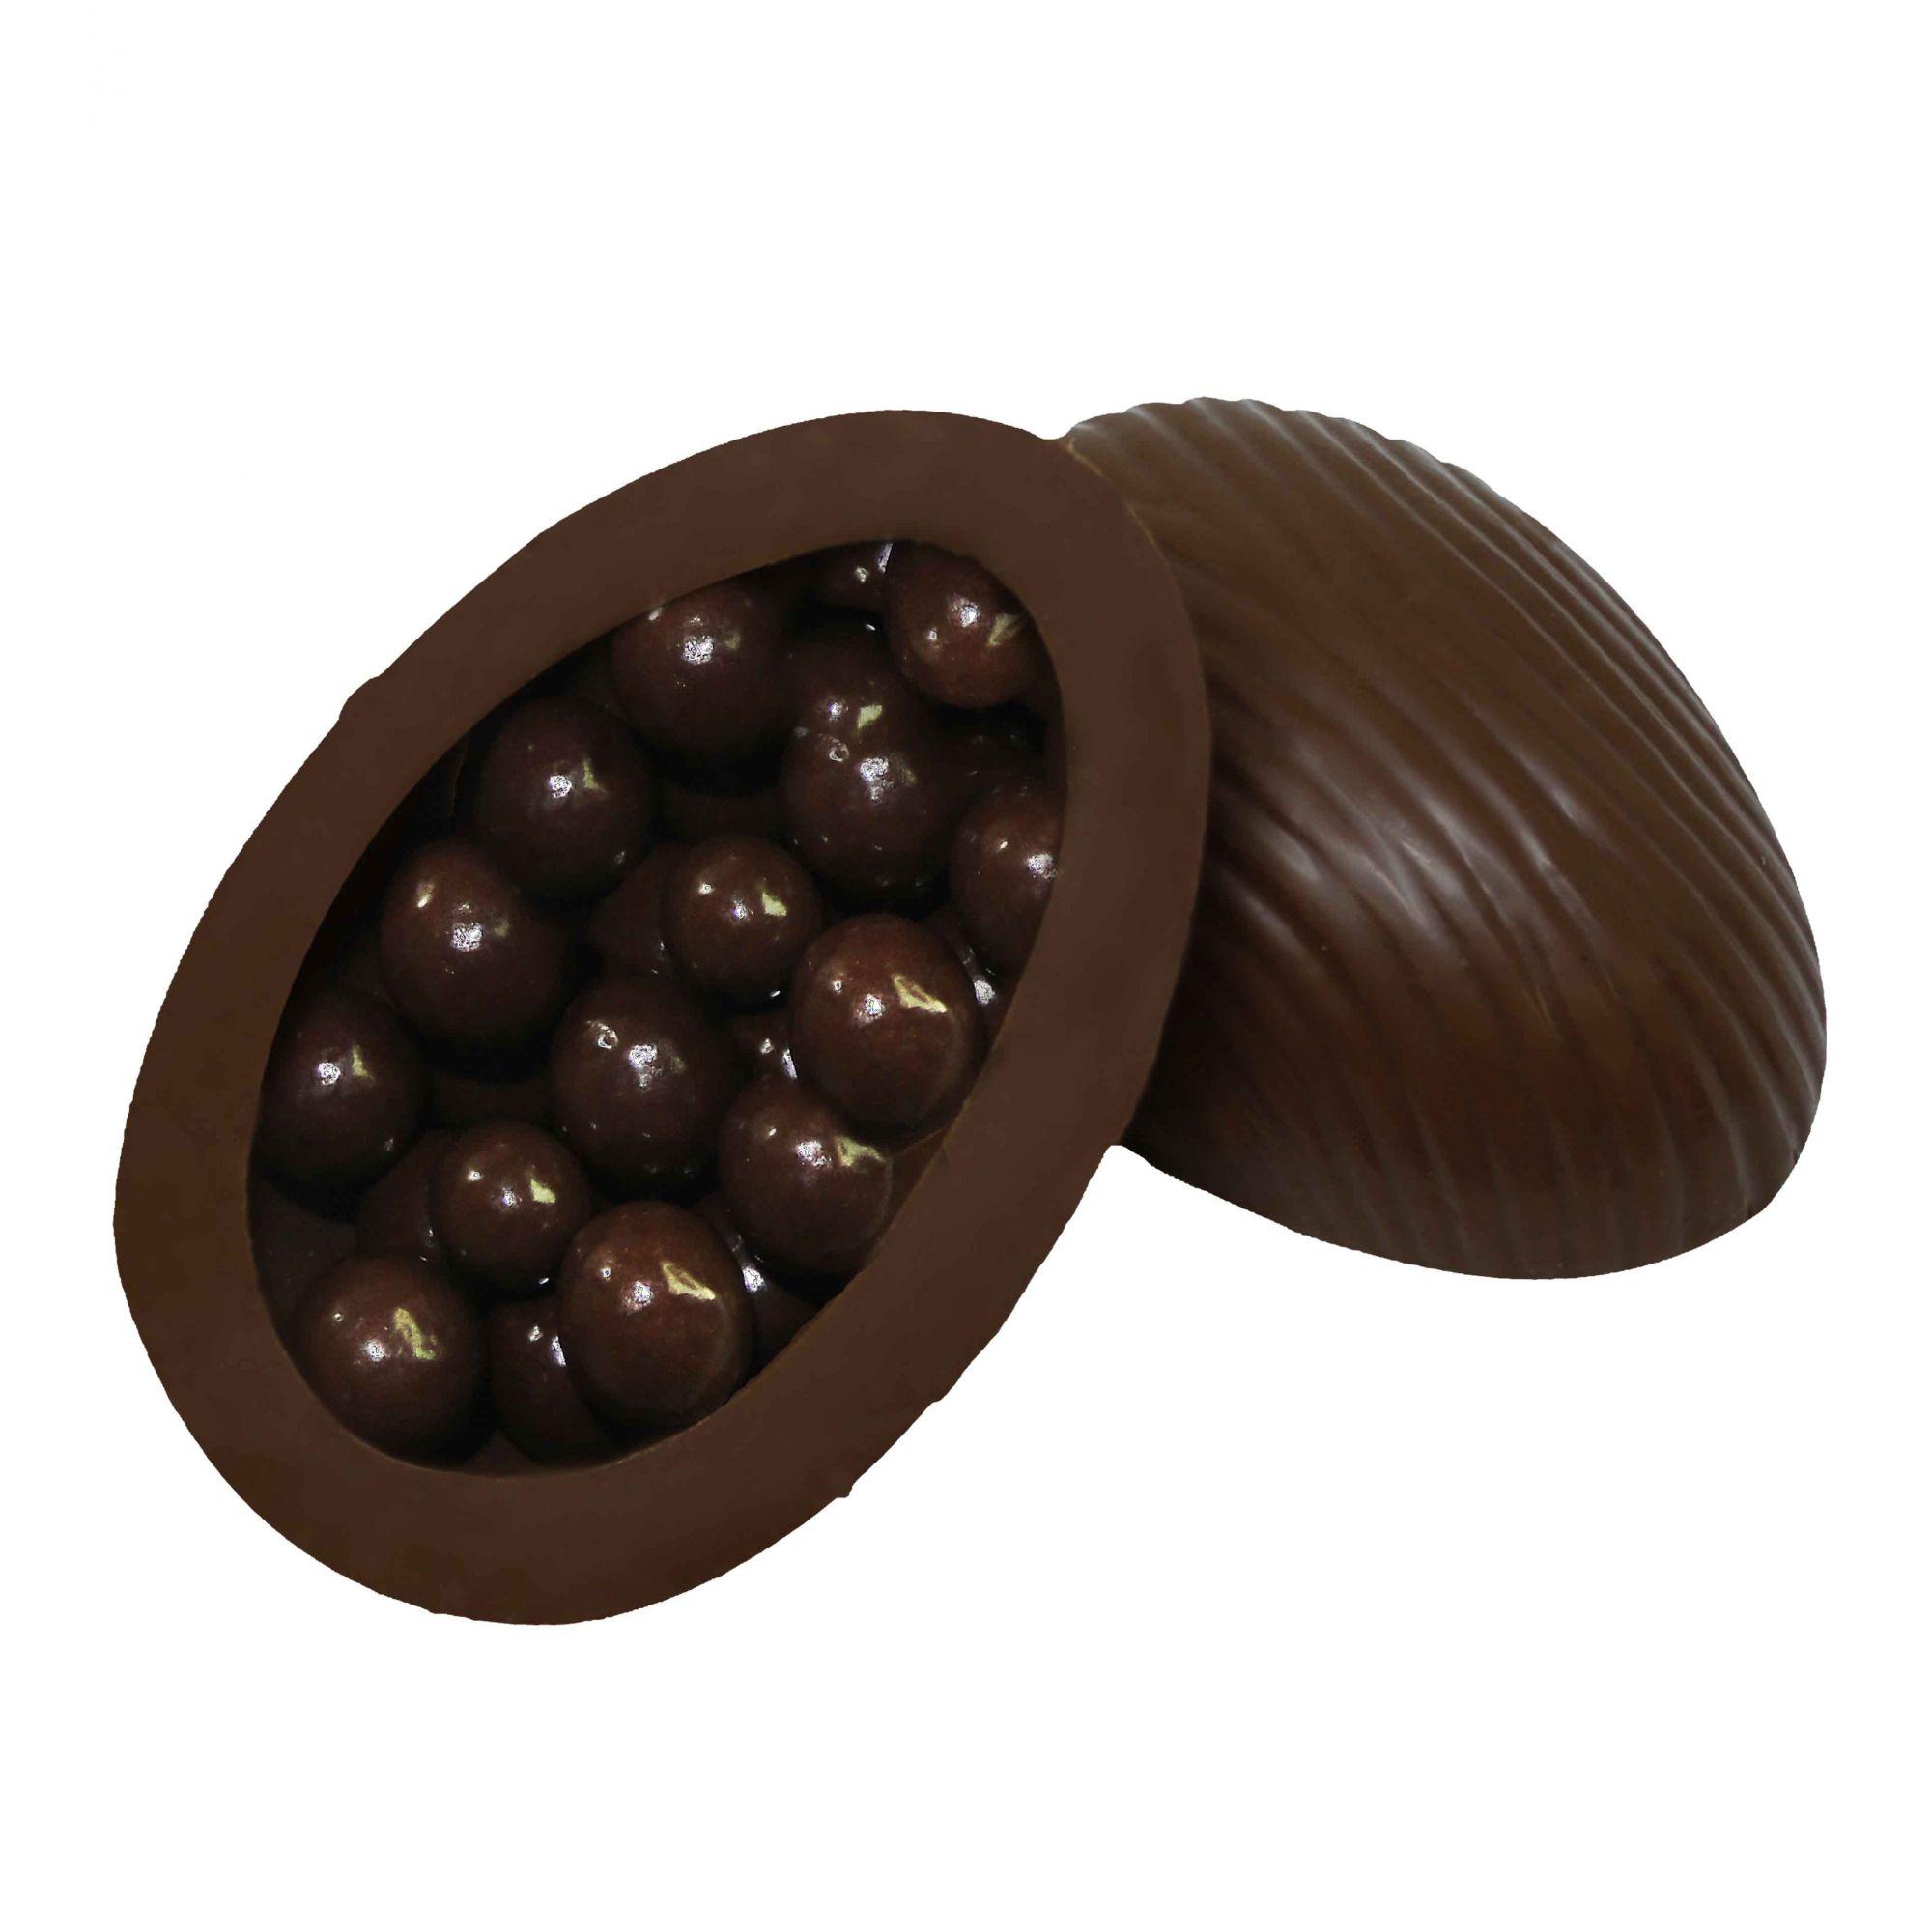 Ovo de Páscoa Chocolate ao Leite 120gr / Caixa c/ 12 Unds Borússia Chocolates